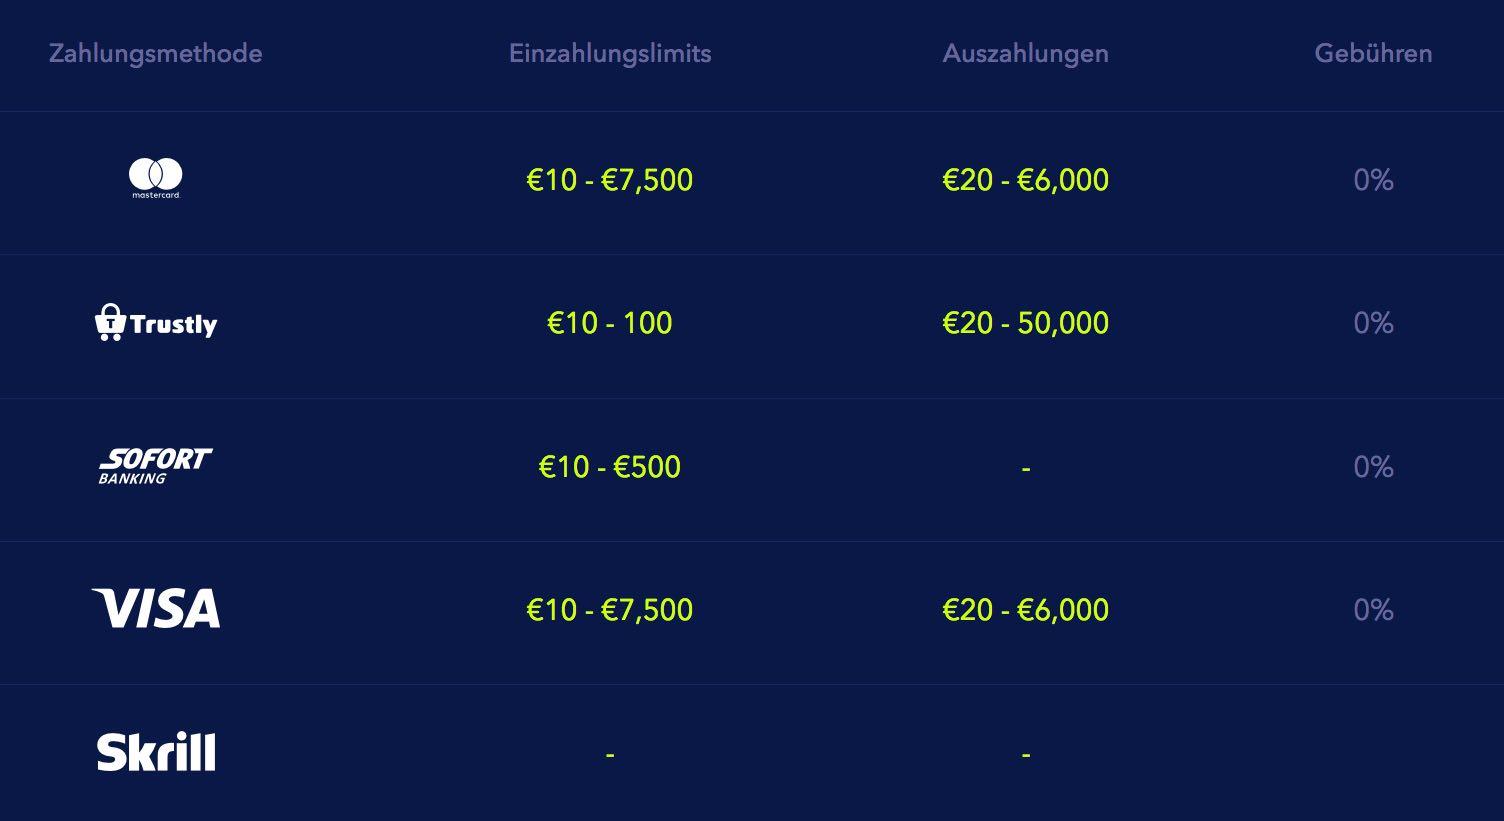 NightRush Zahlungsoptionen für Einzahlungen und Auszahlungen